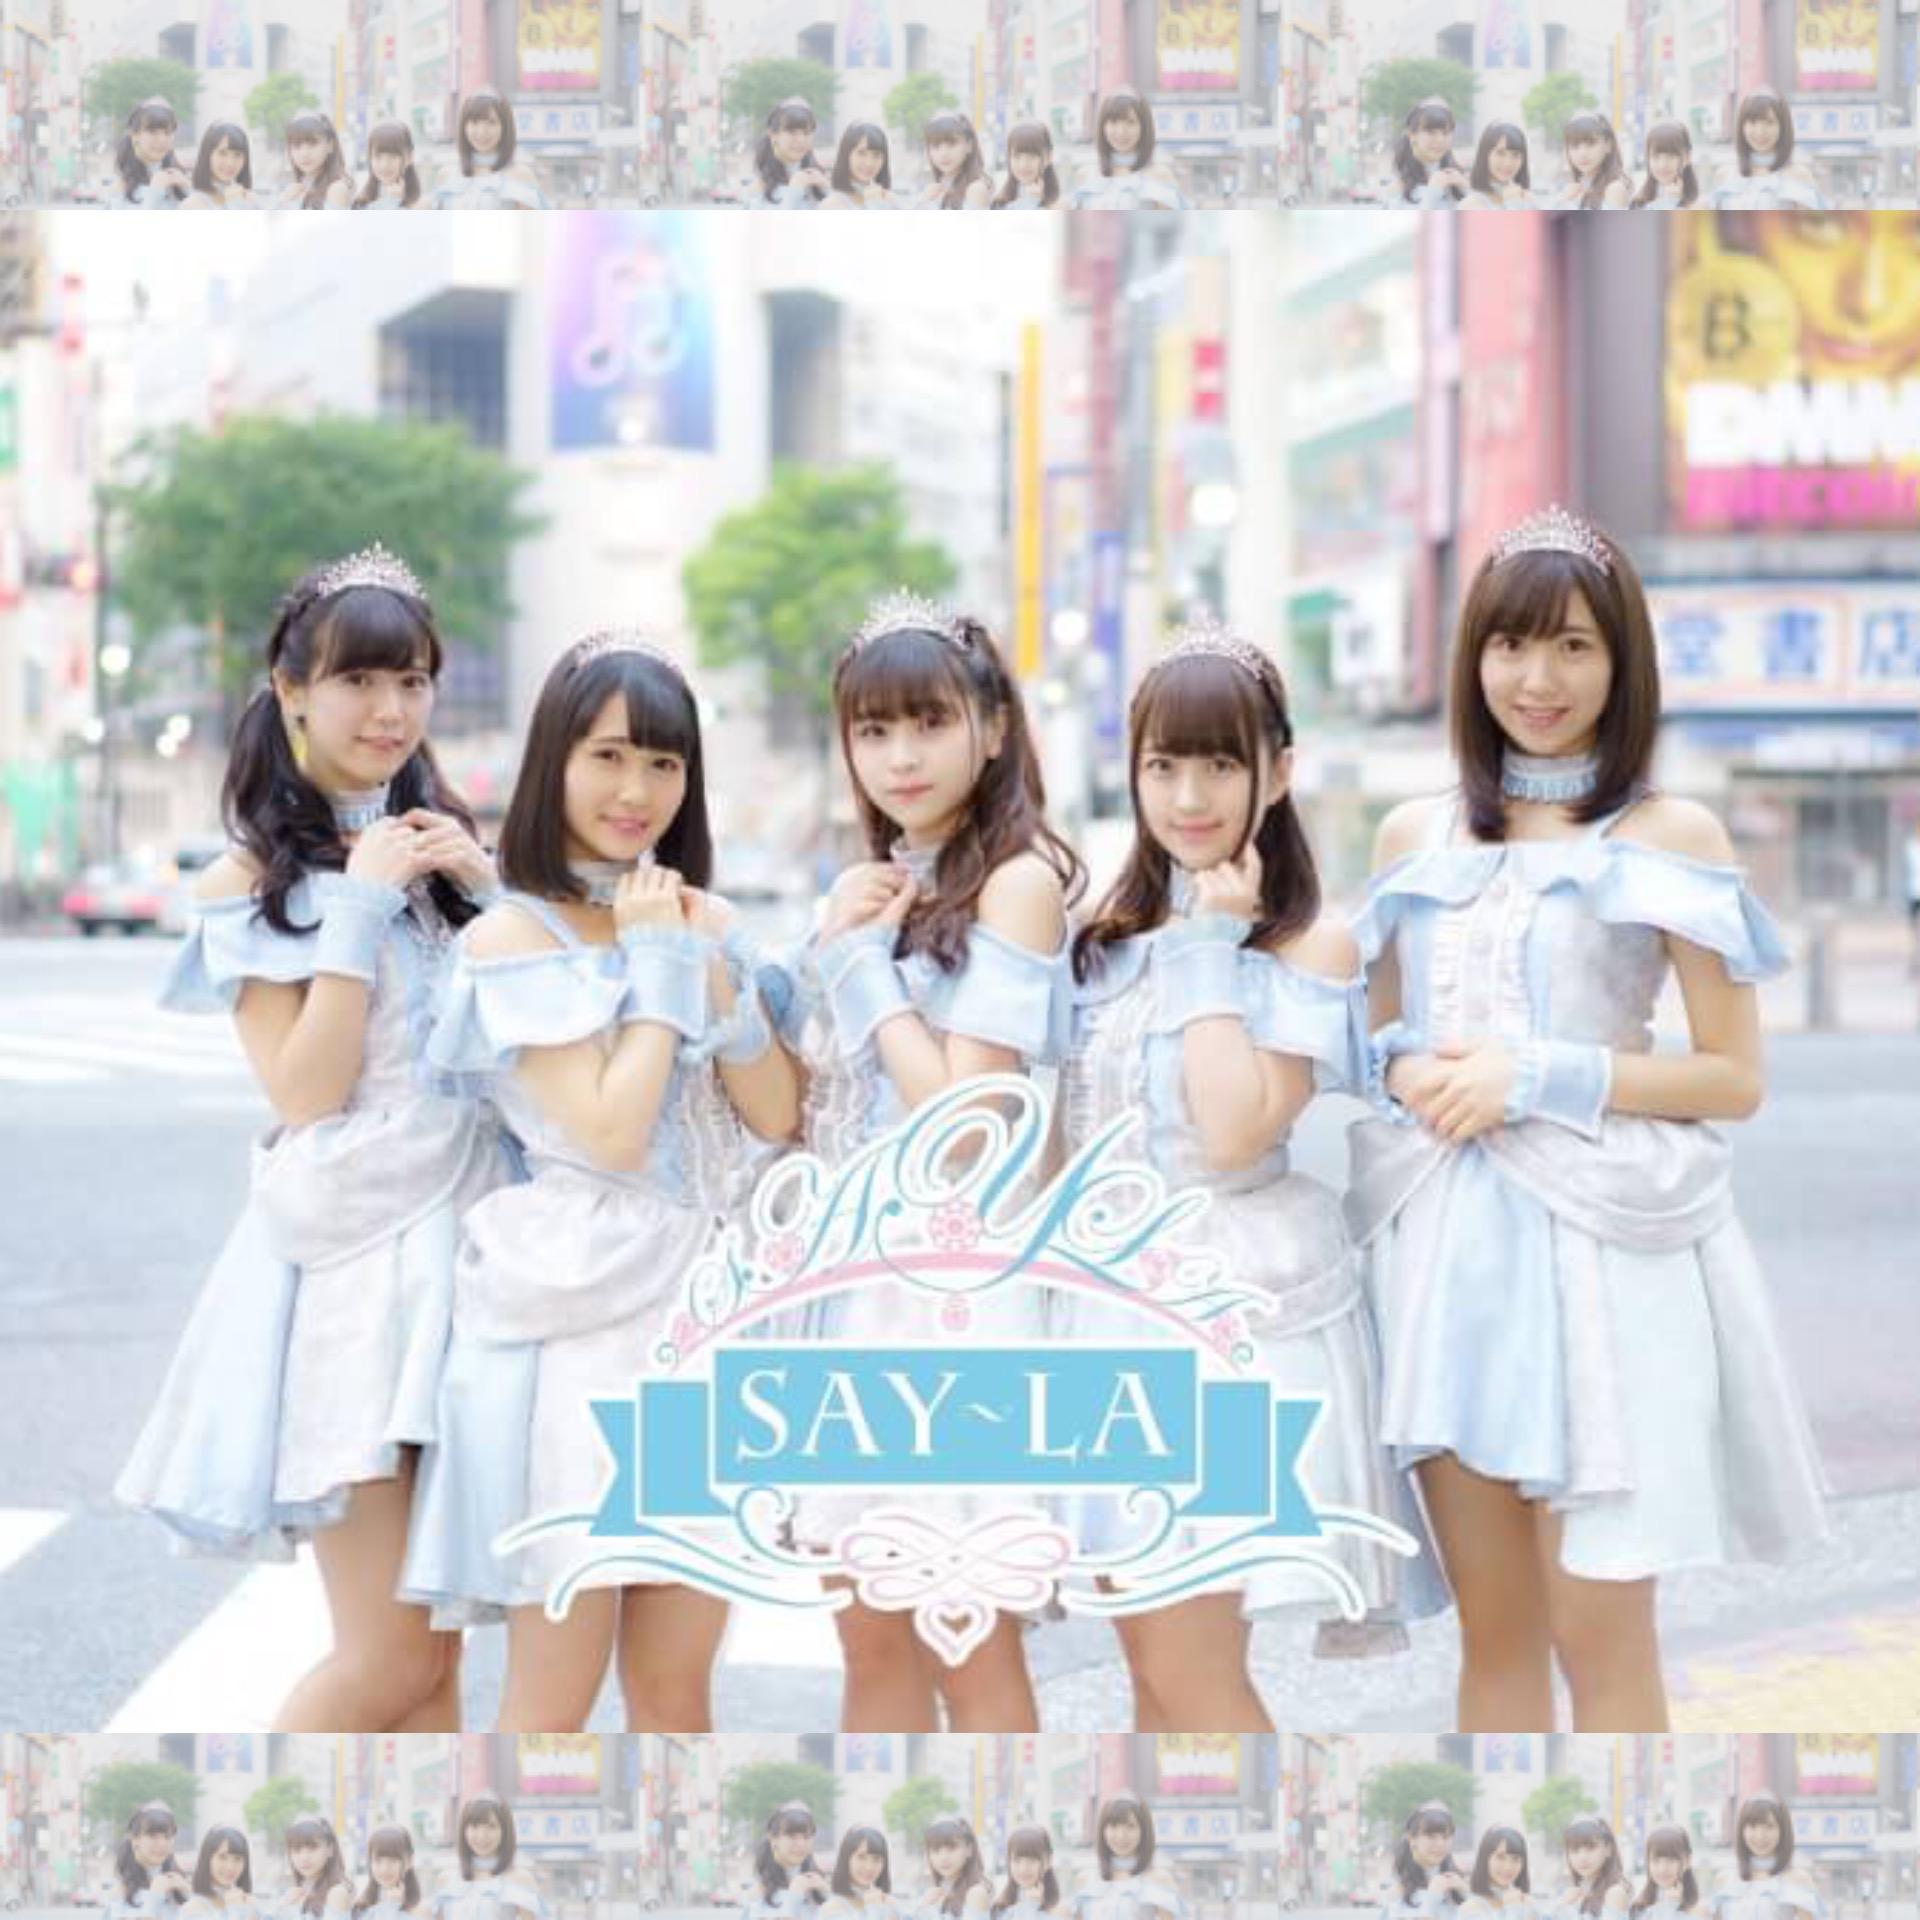 レコチョク presents SAY-LA 渋谷TSUTAYA O-EAST 単独公演 supported by WIZY